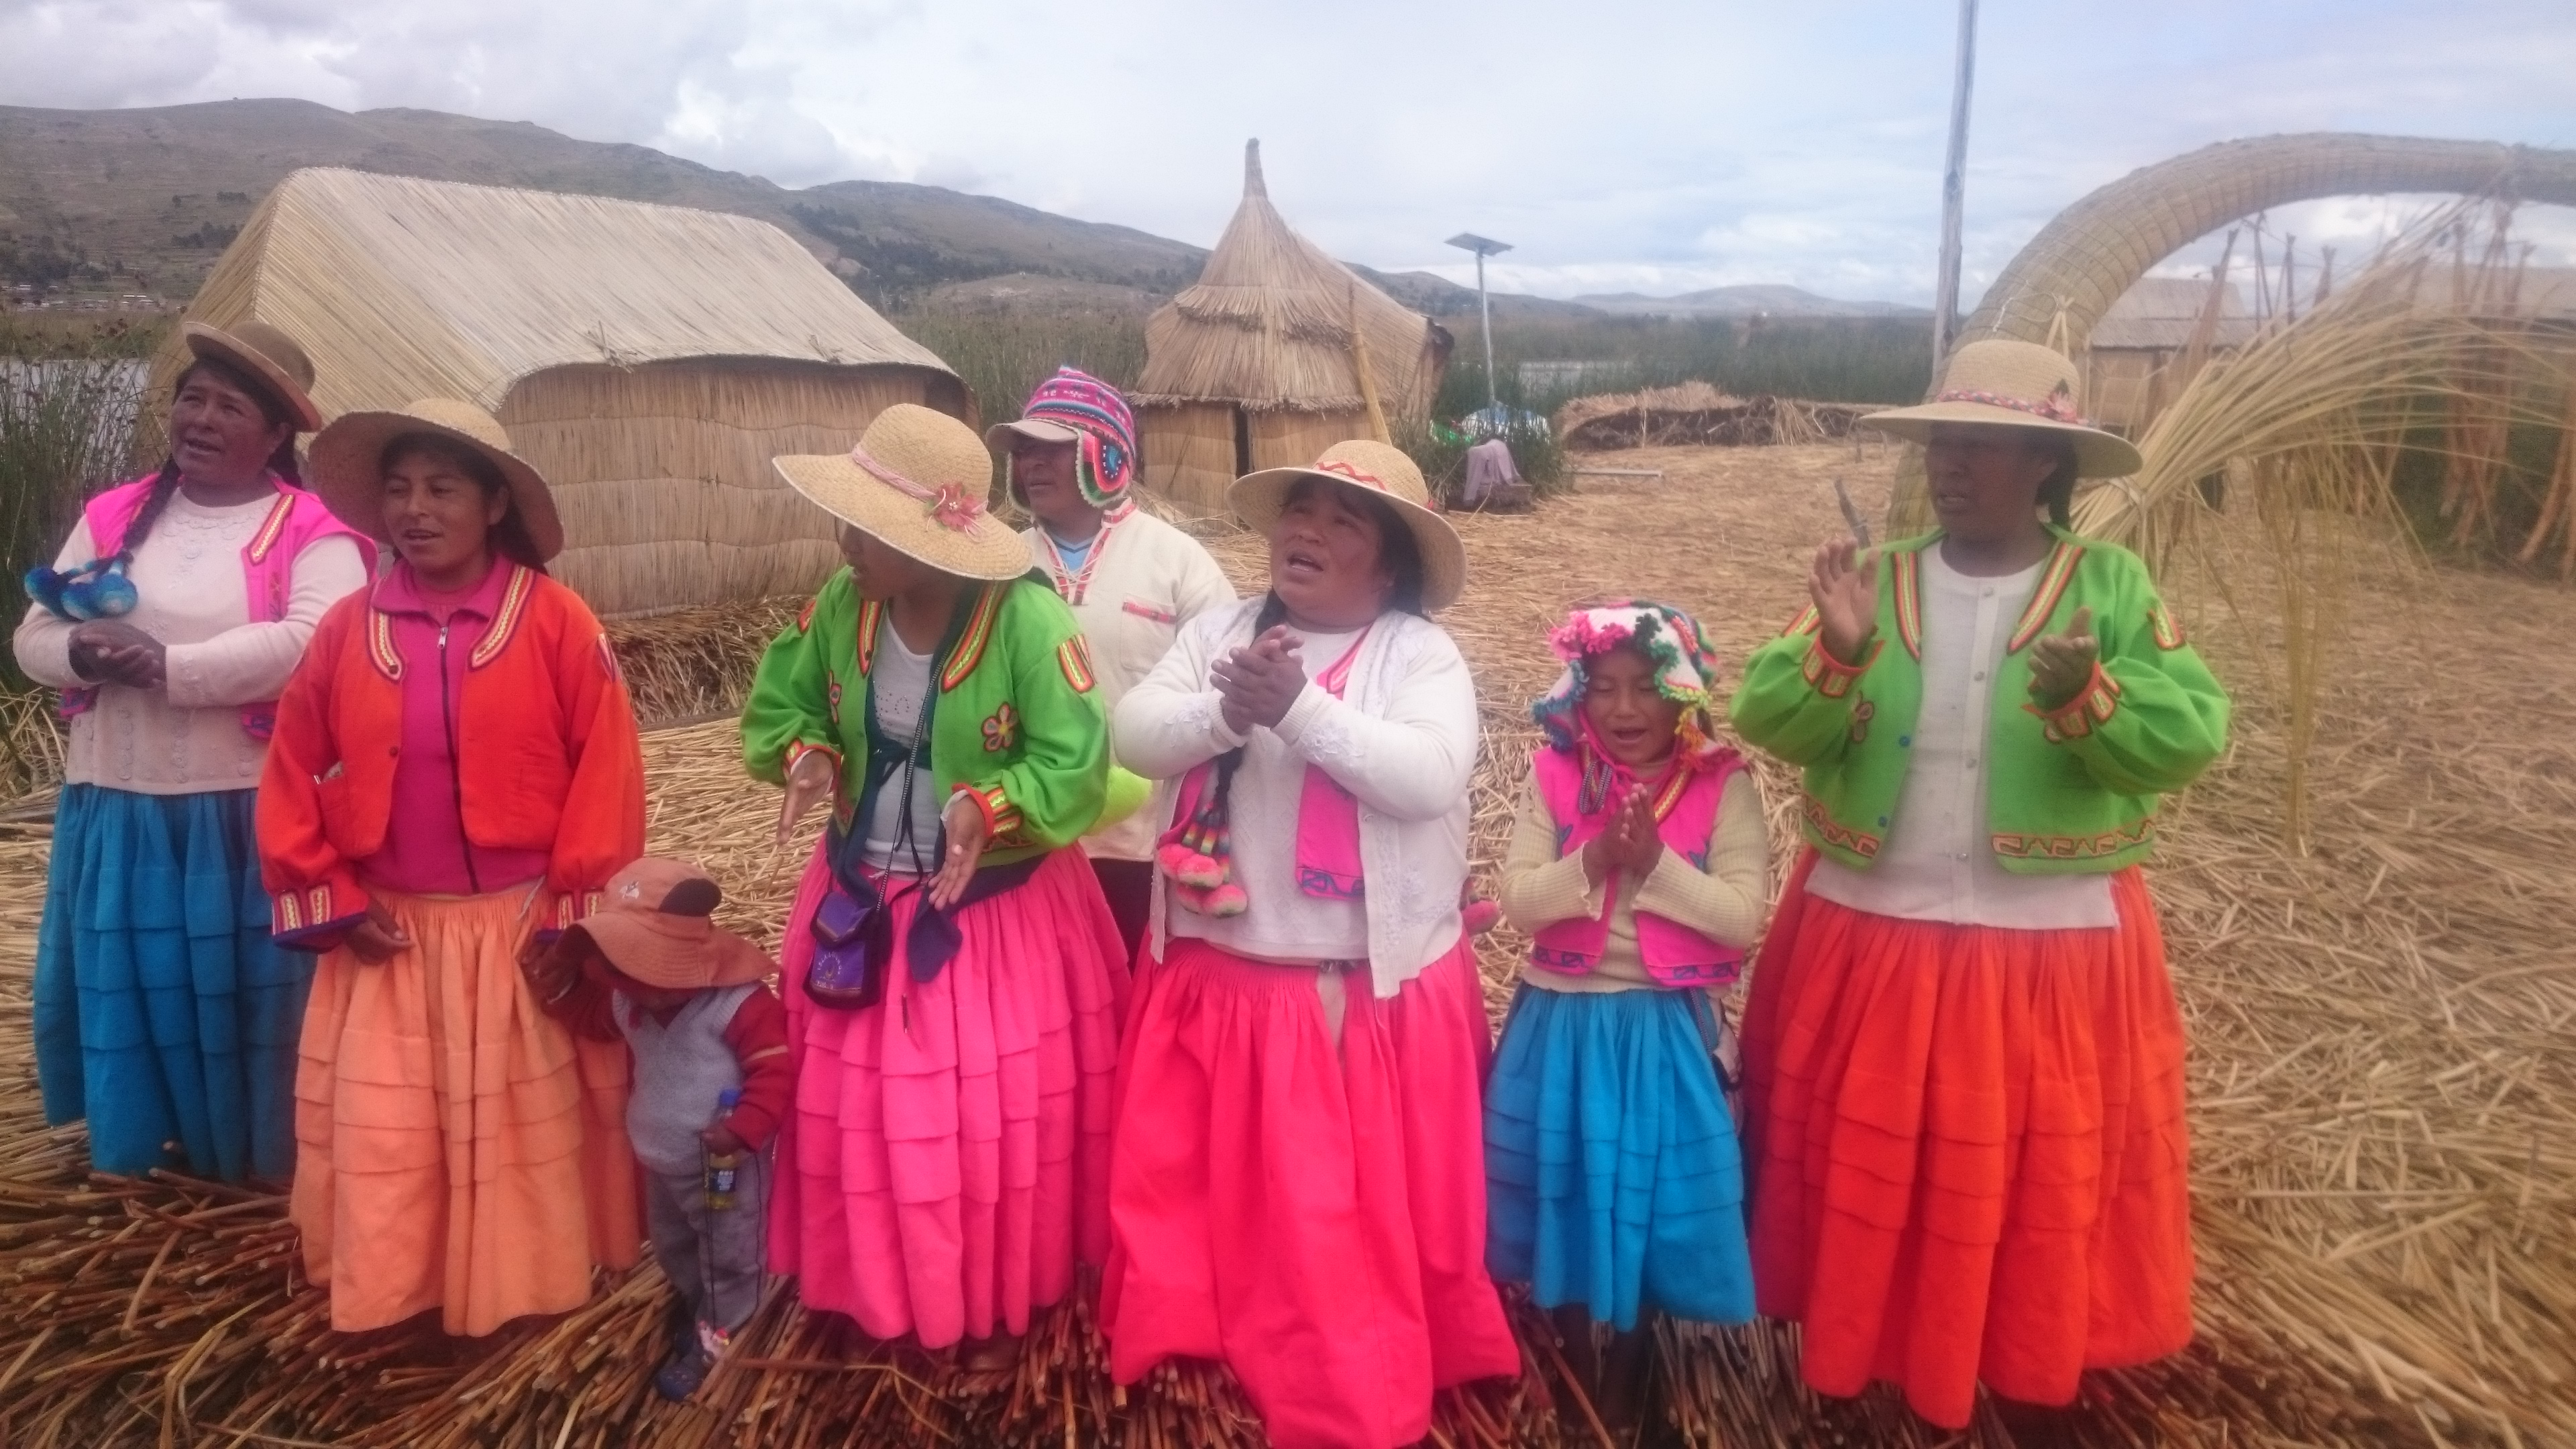 https://bubo.sk/uploads/galleries/5014/spievajuce-indianky-na-plavajucich-ostrovoch-los-uros-na-jazere-titicaca.jpg